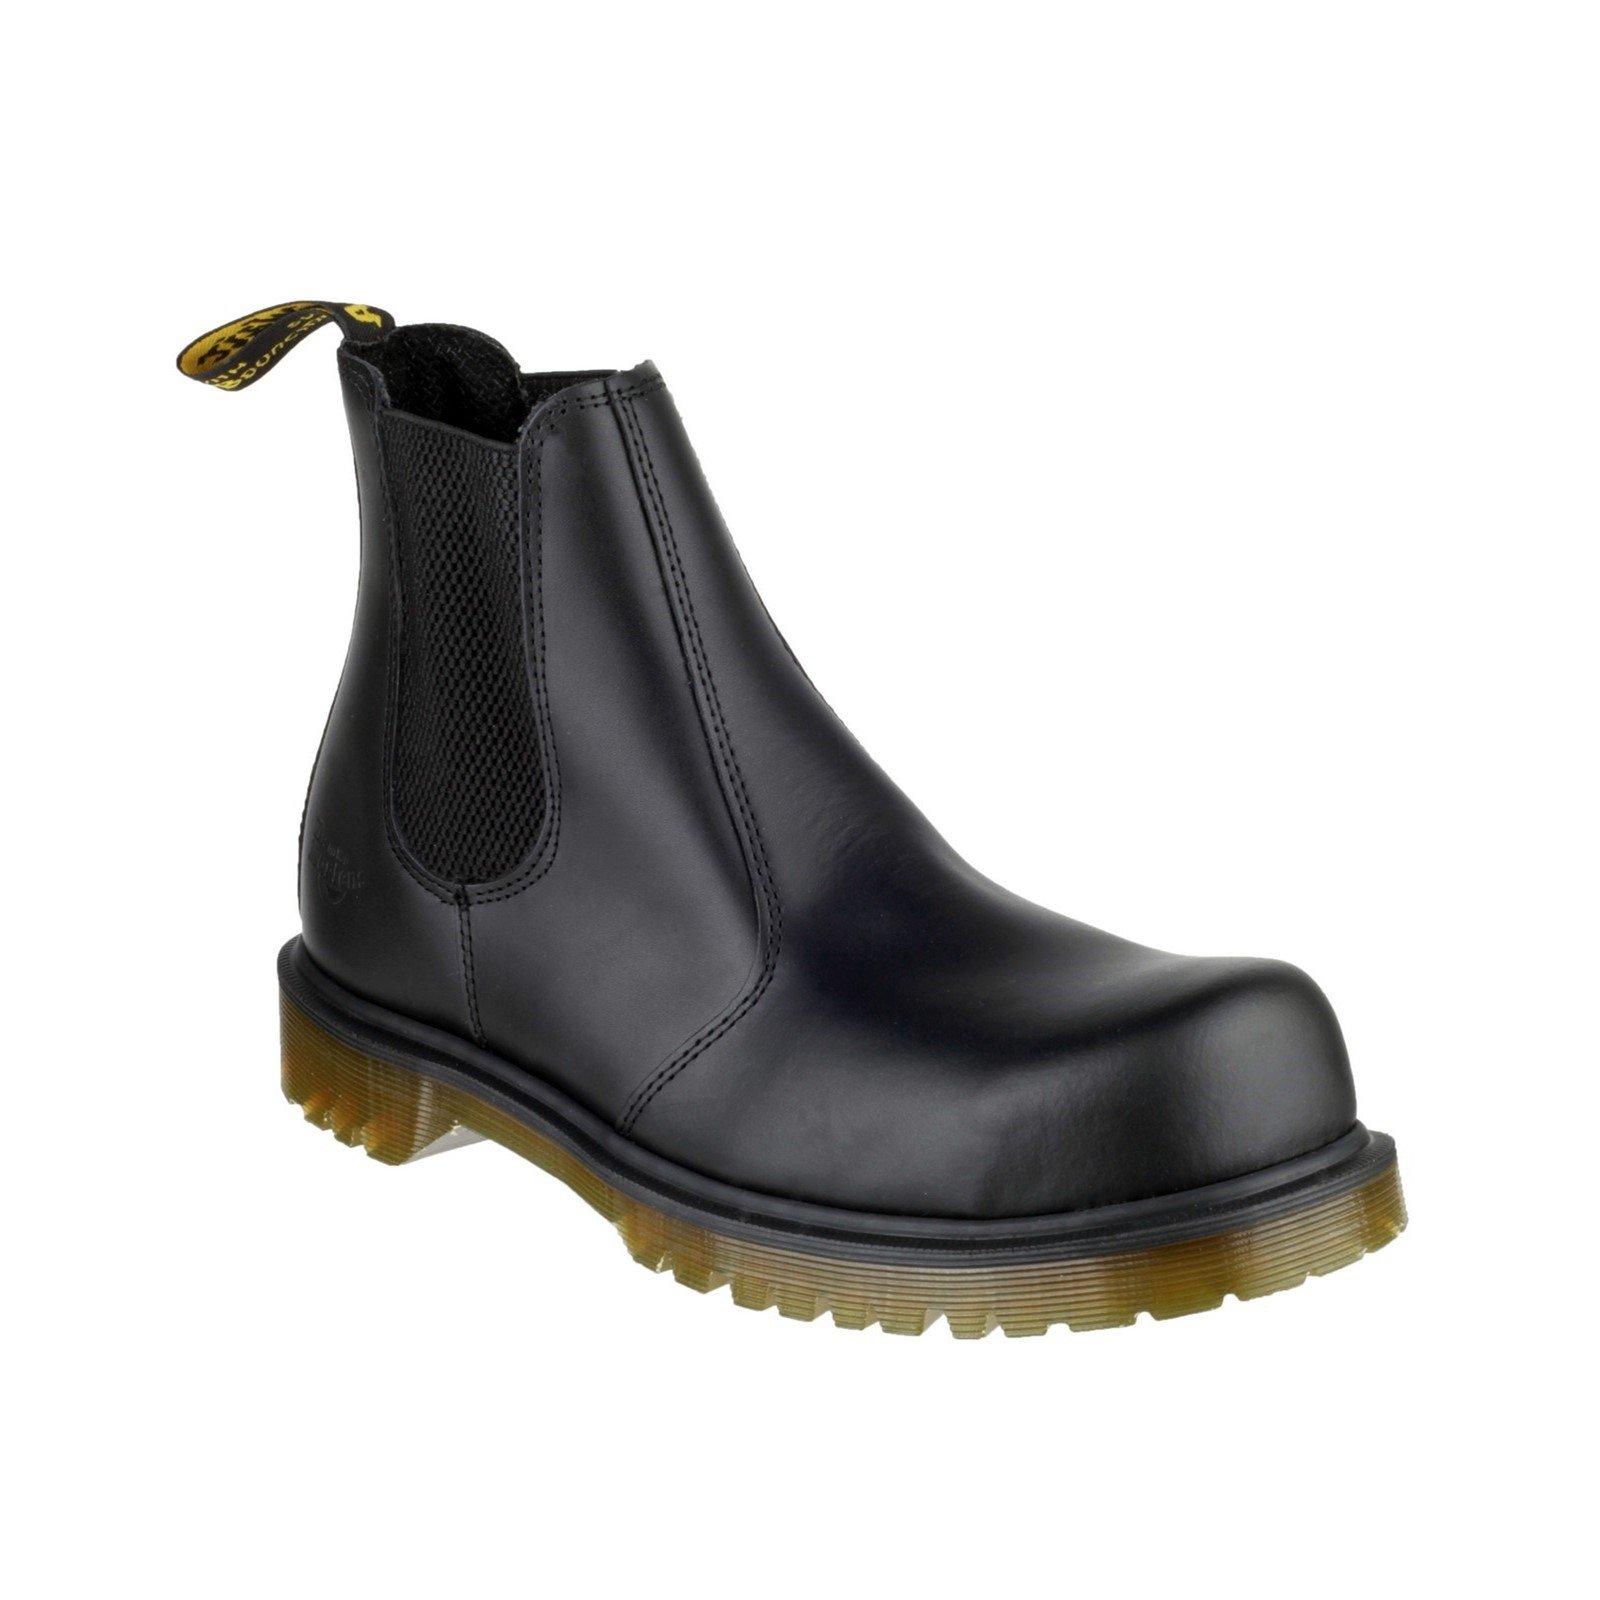 Dr Martens Unisex Dealer Boot Black 00496 - Black 10